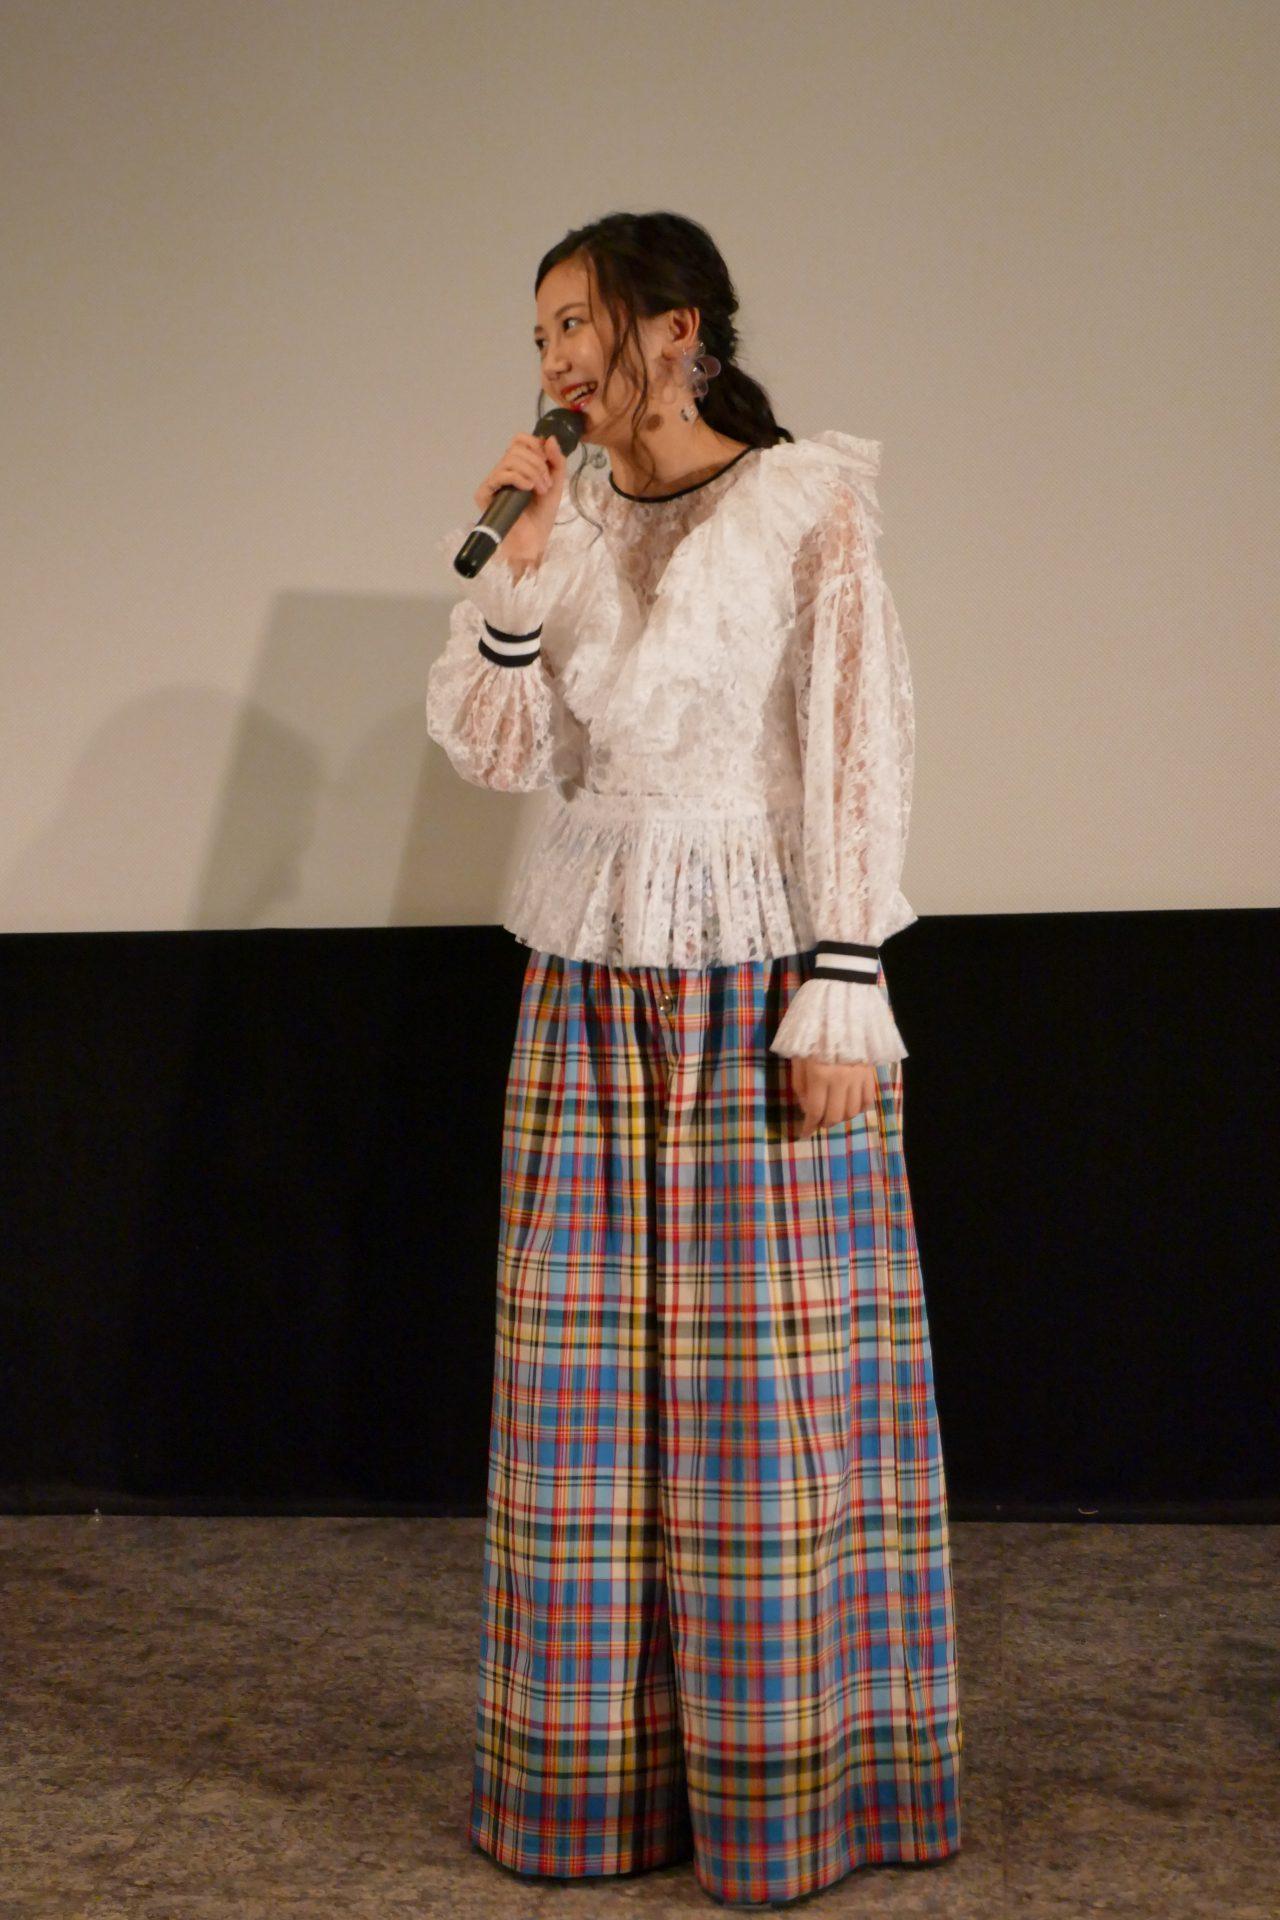 映画『僕の彼女は魔法使い』大ヒット御礼舞台挨拶で笑顔を咲かせる千眼美子